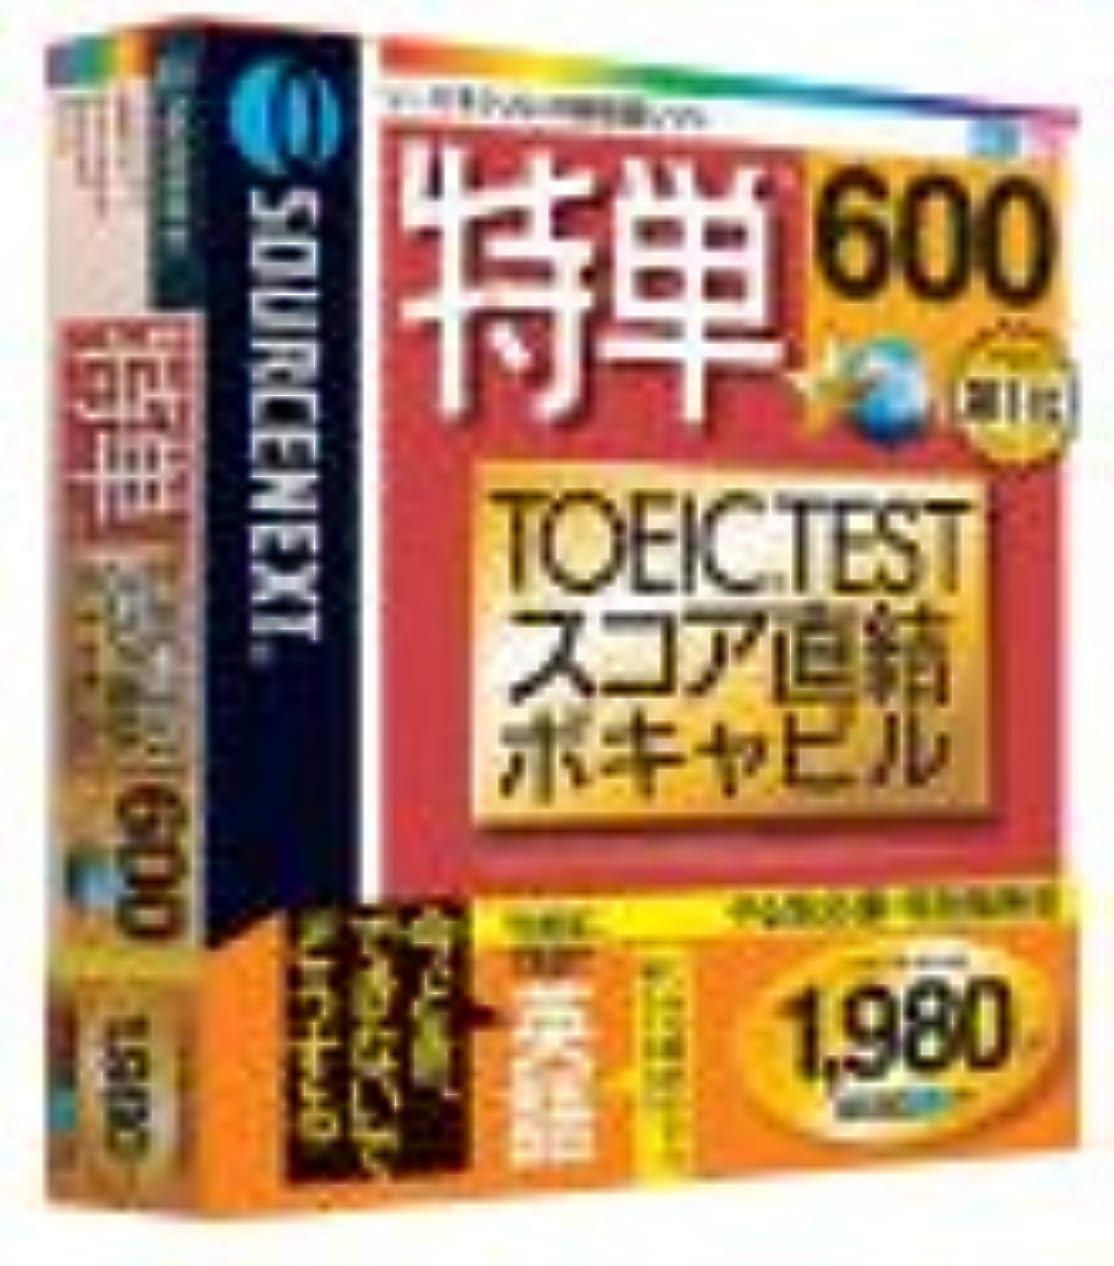 松の木ネックレス仮定特単 600 TOEIC TESTスコア直結ボキャビル やる気応援?特別価格版